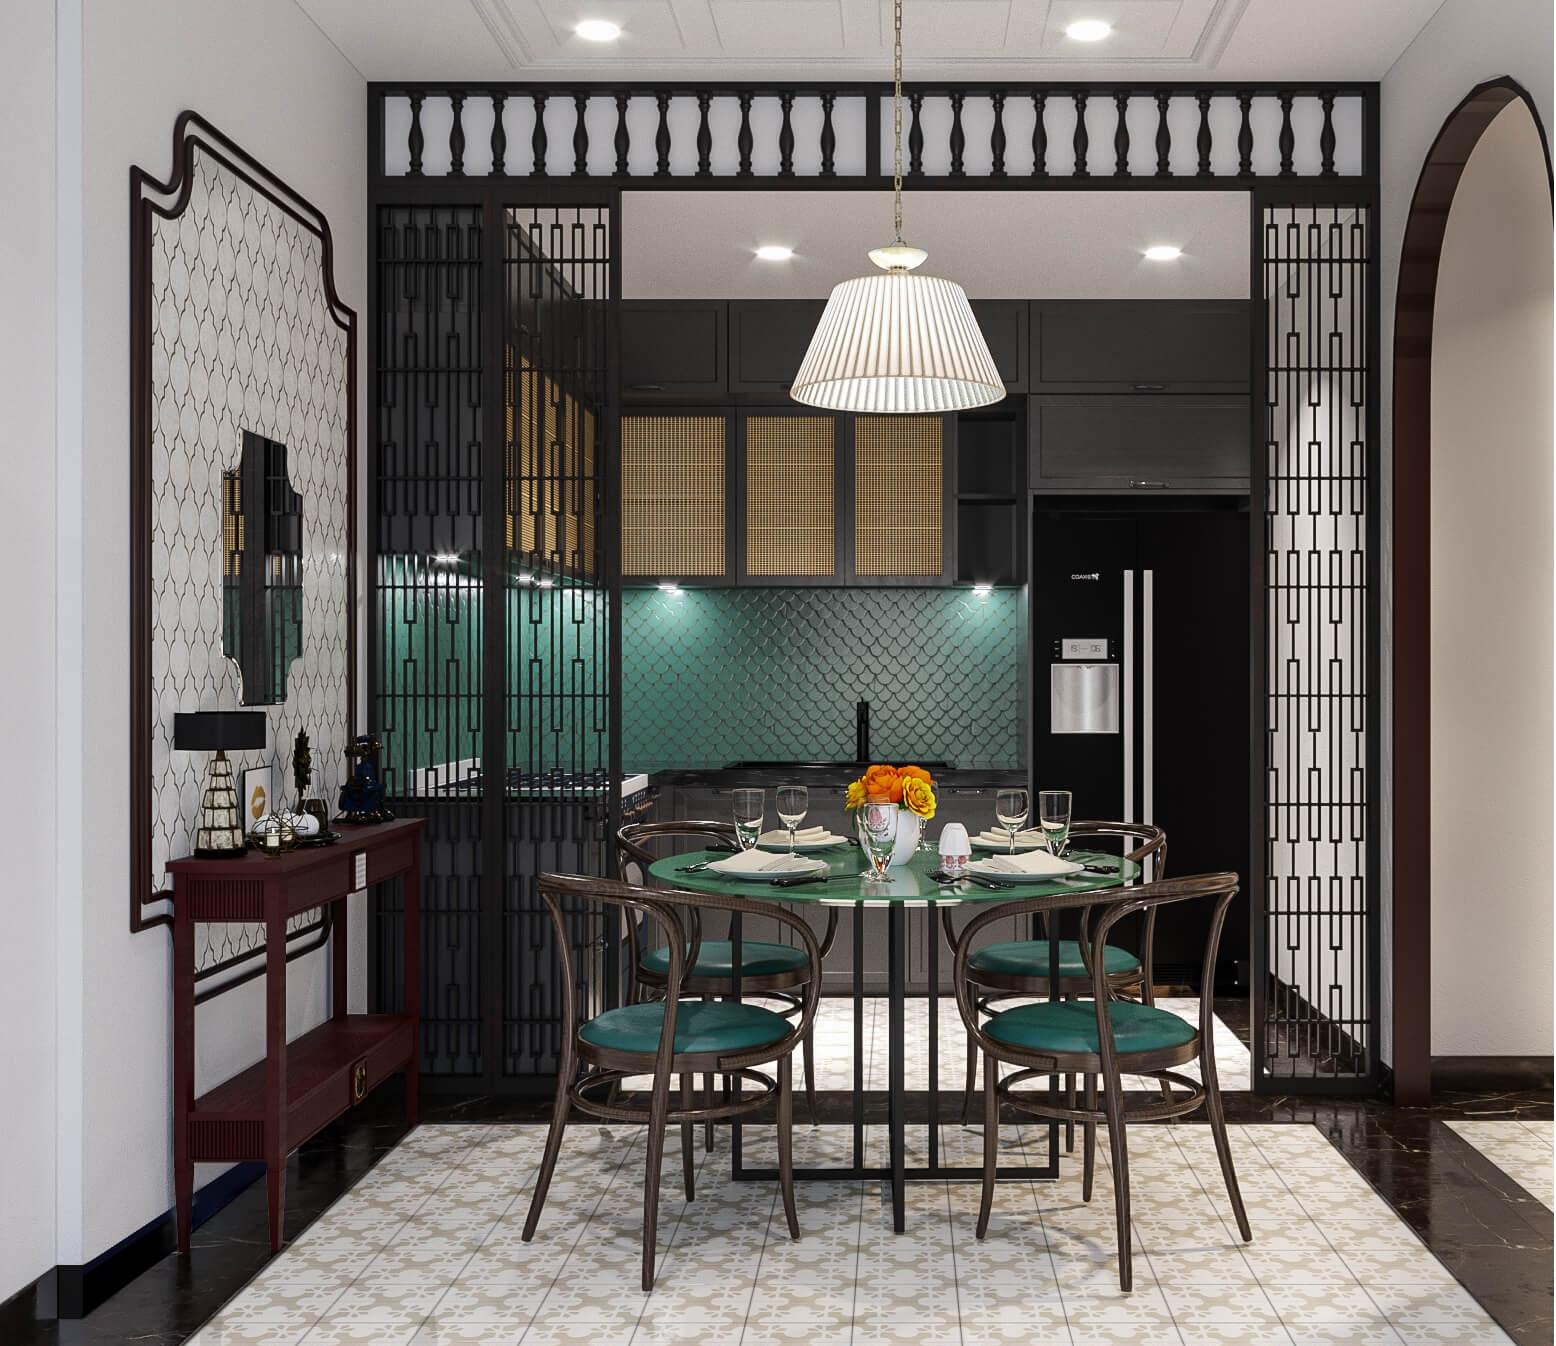 Không gian đun nấu và sinh hoạt với sắc xanh ấn tượng mang phong cách Á Đông (Indochine)